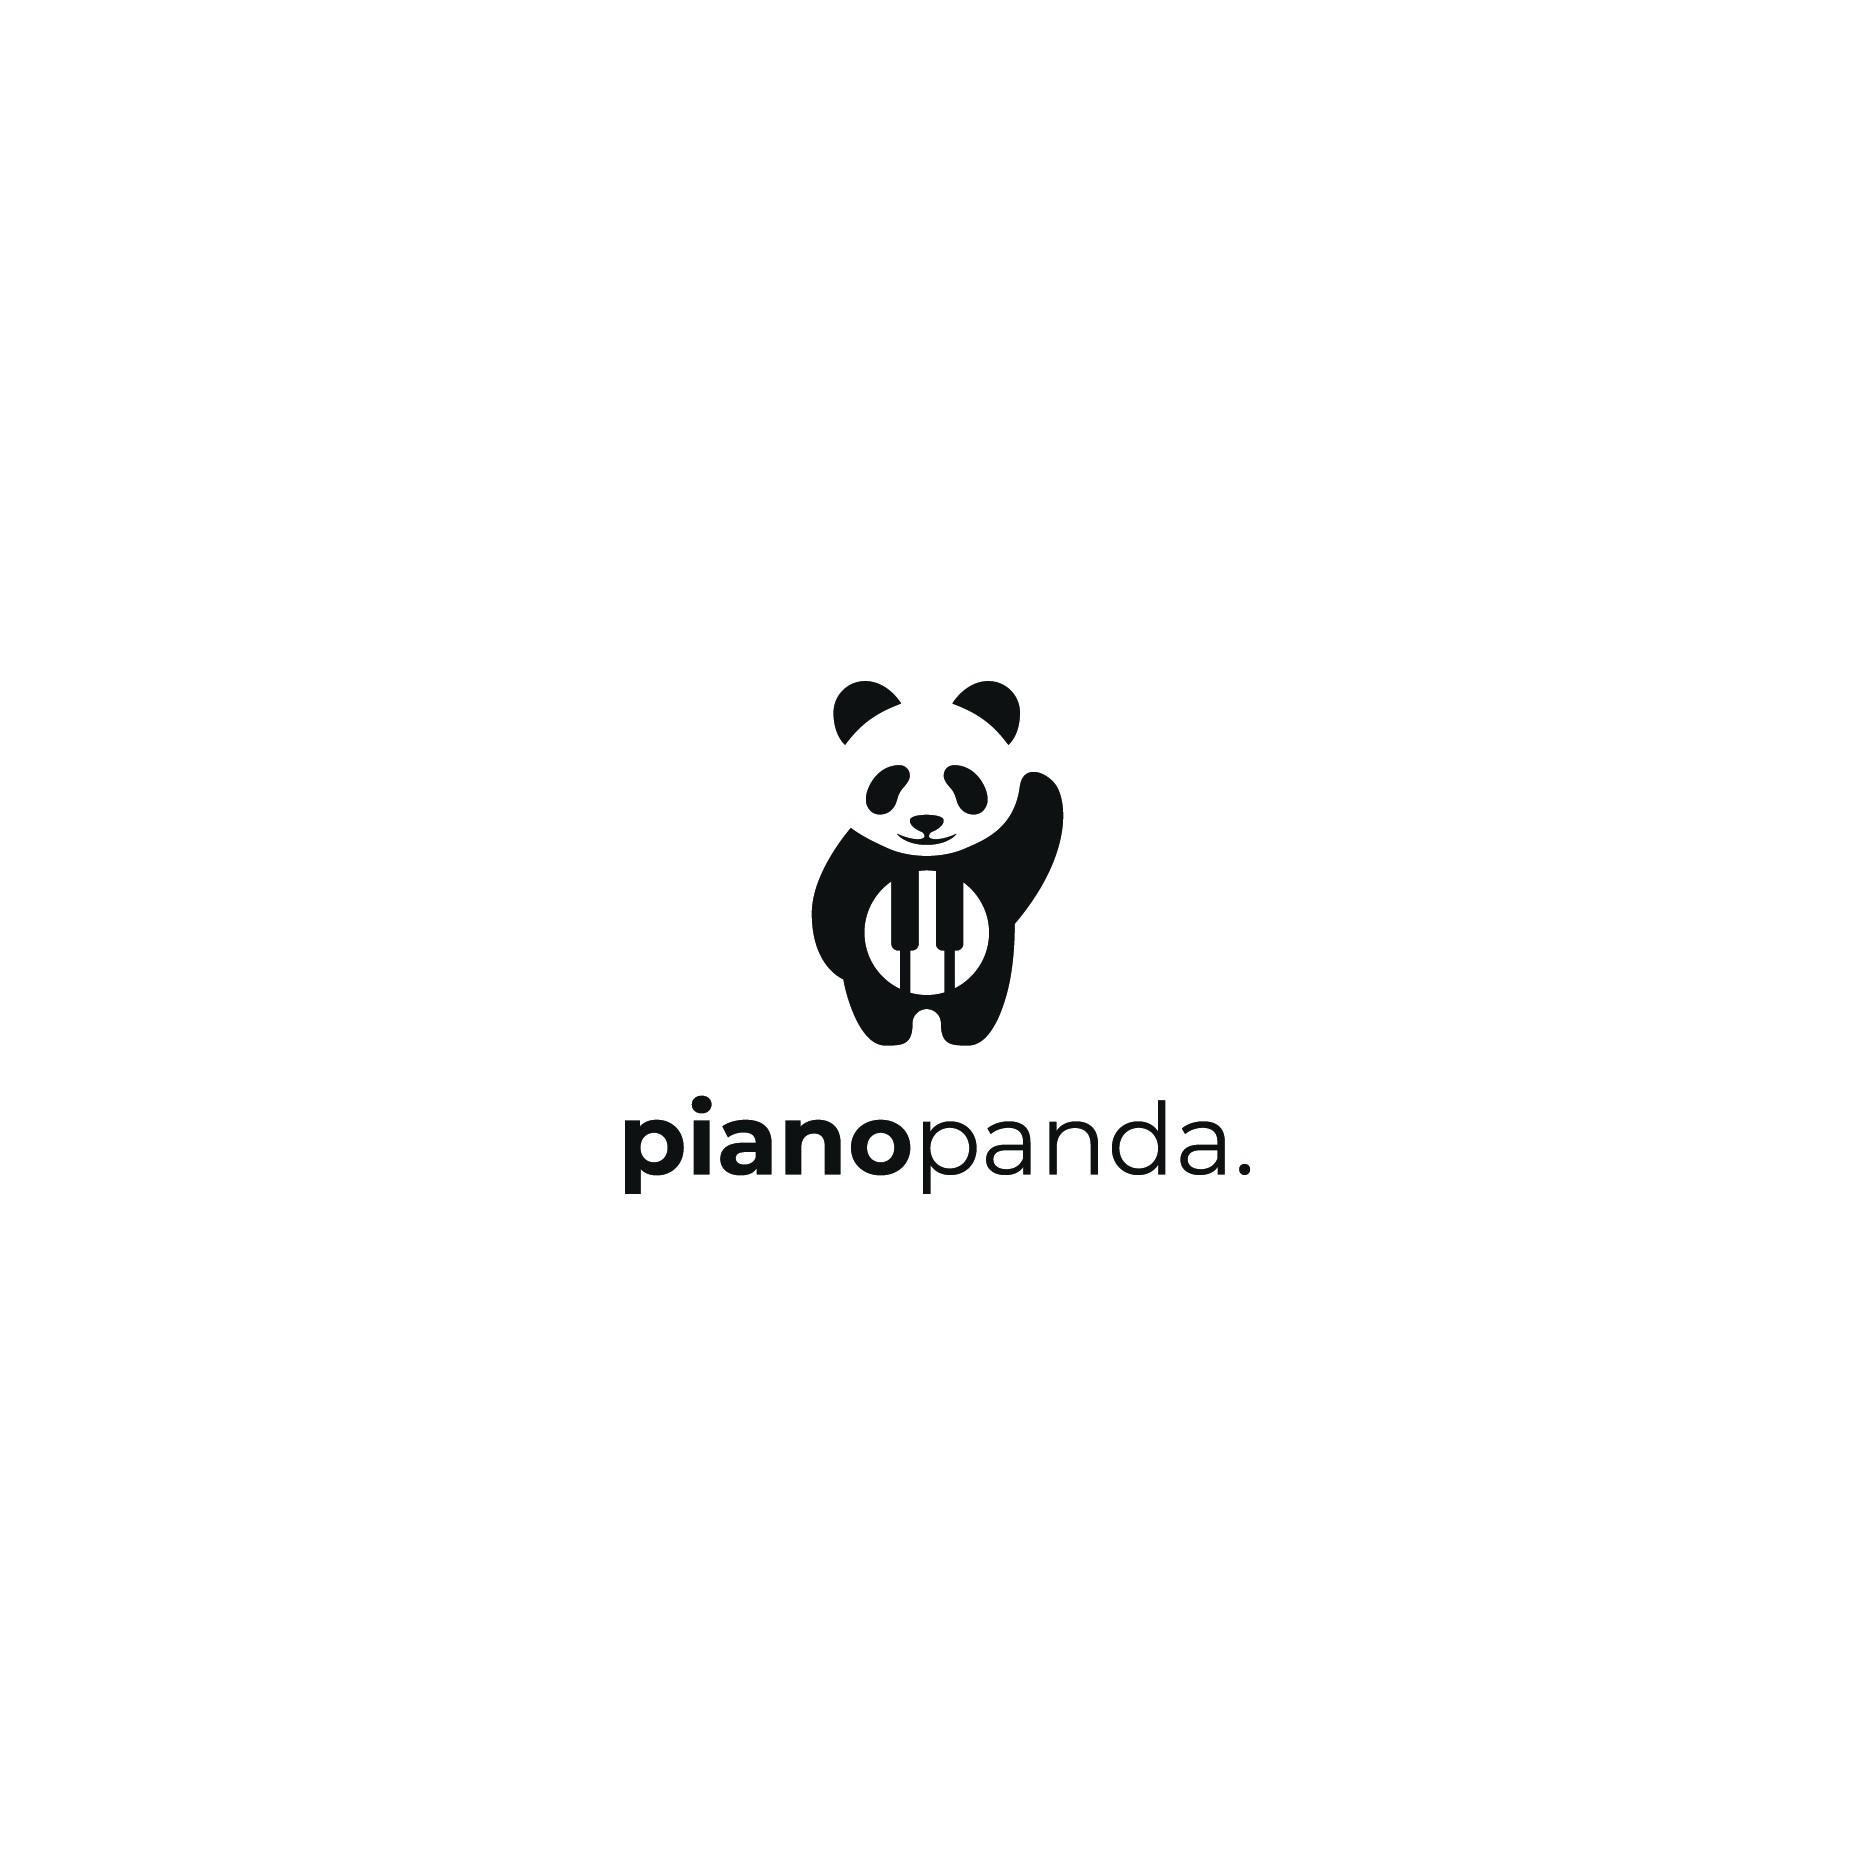 piano panda - Panda am Klavier